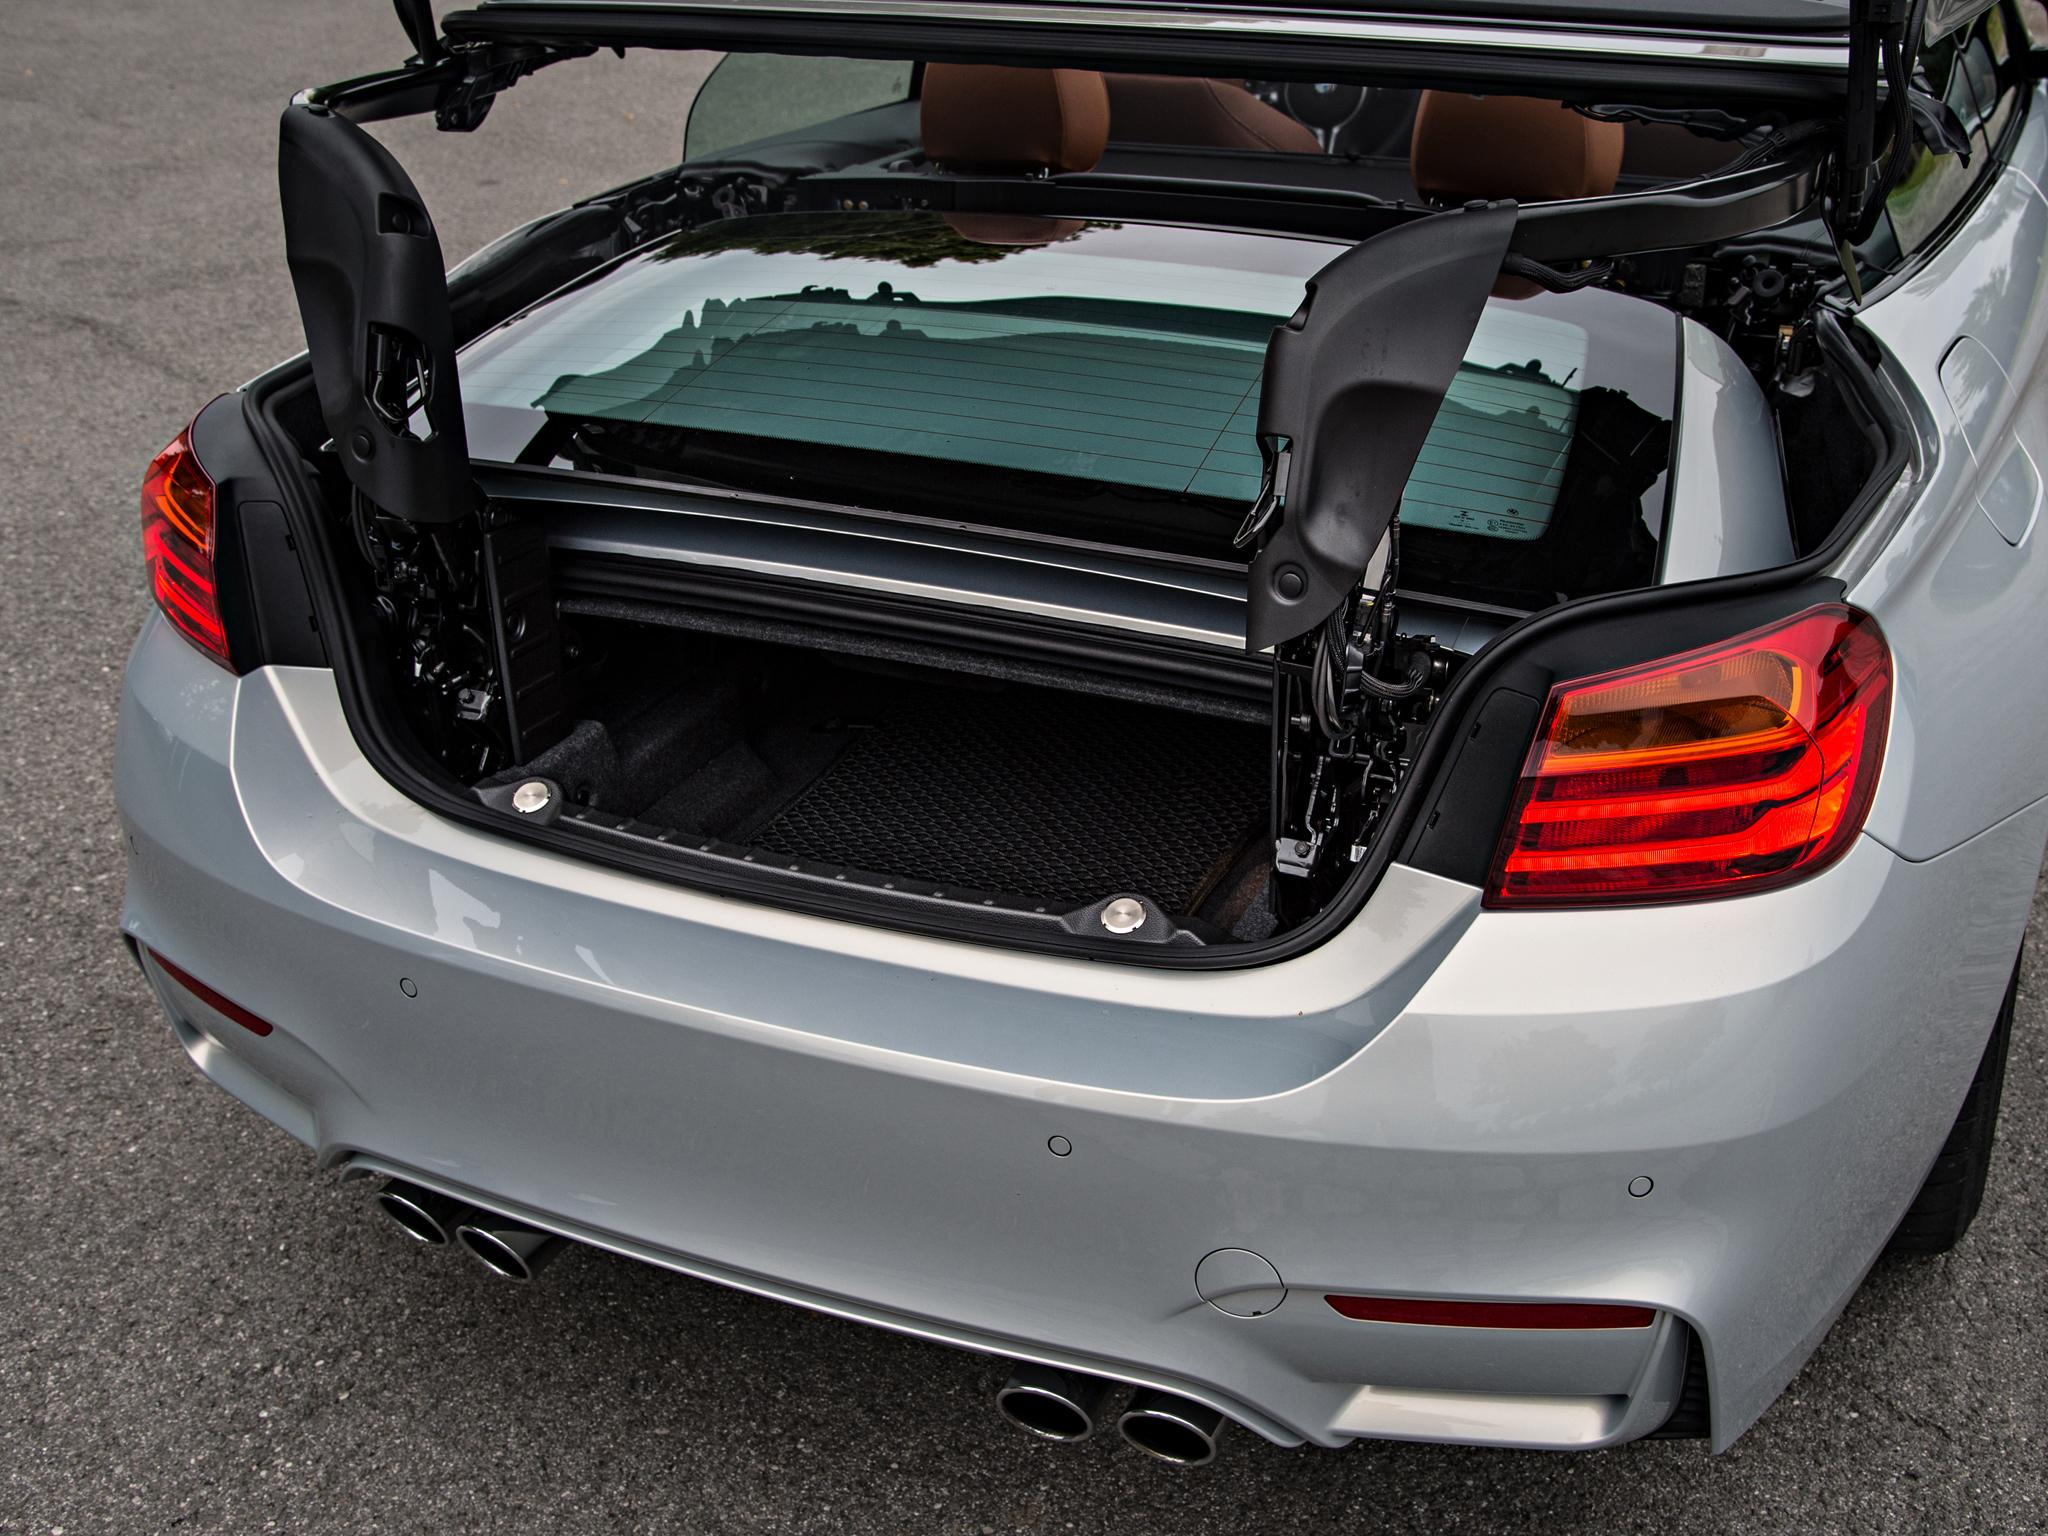 BMW M4 багажник